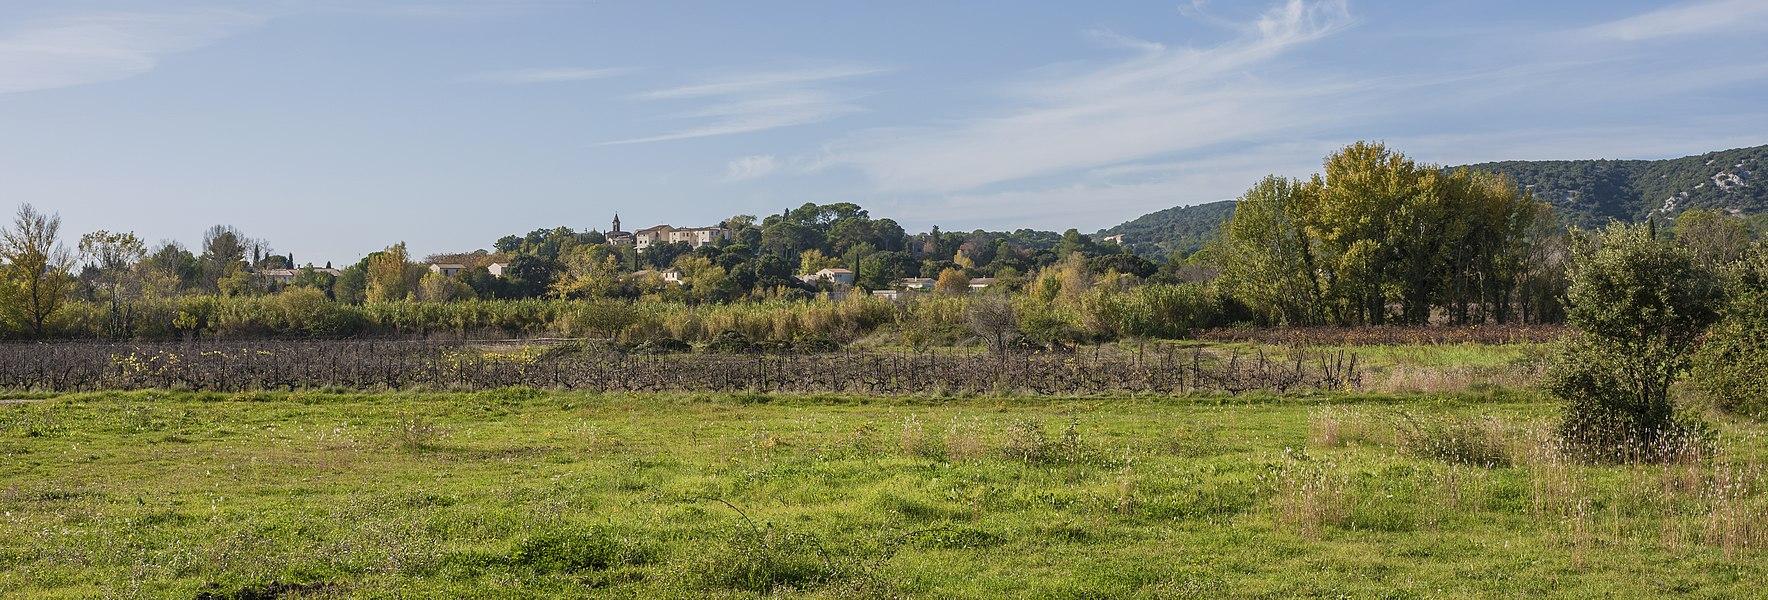 Saint-Mathieu-de-Tréviers, Hérault, France.